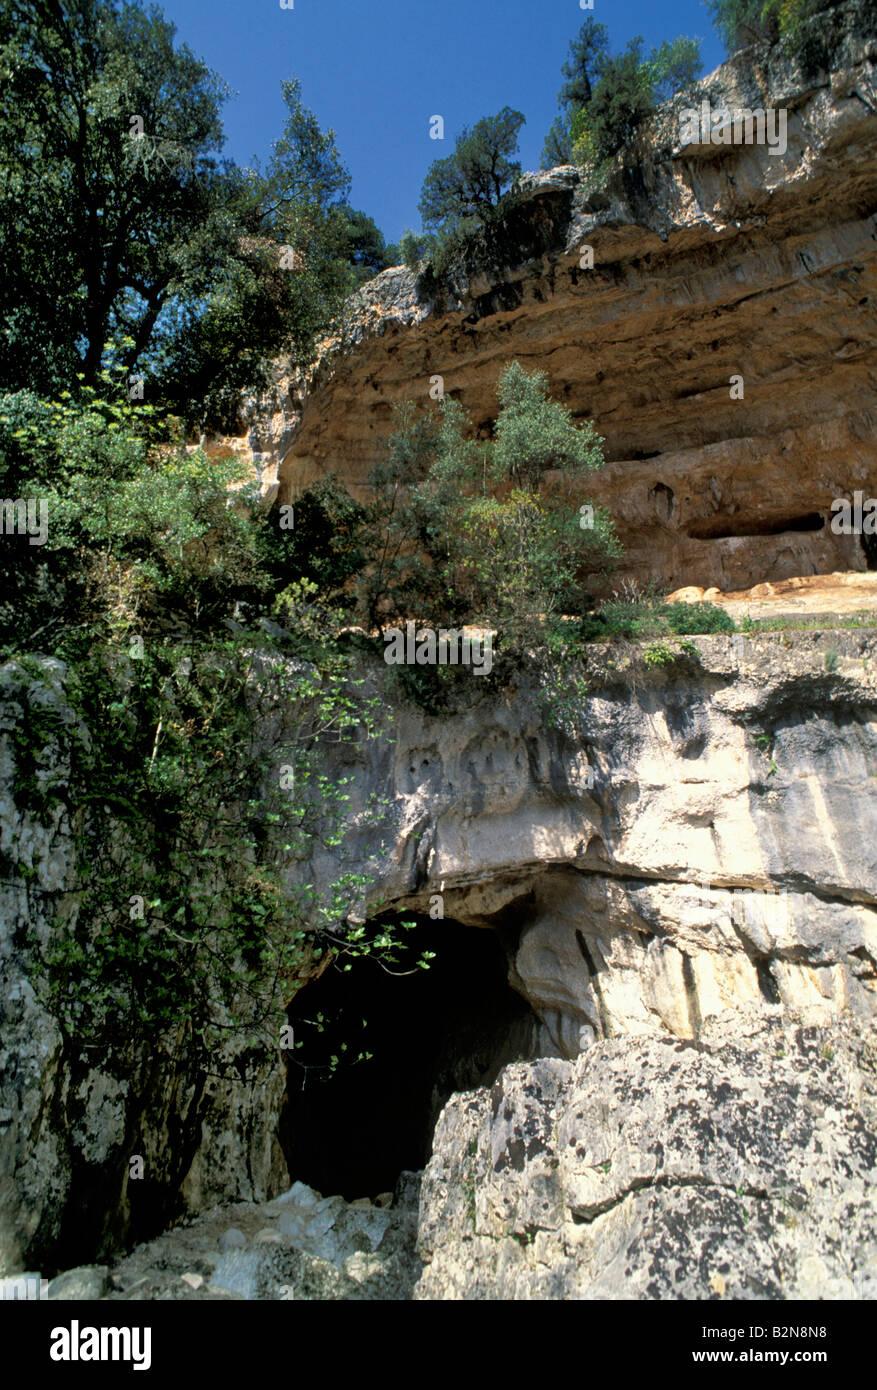 sa oche cave, supramonte, italy - Stock Image